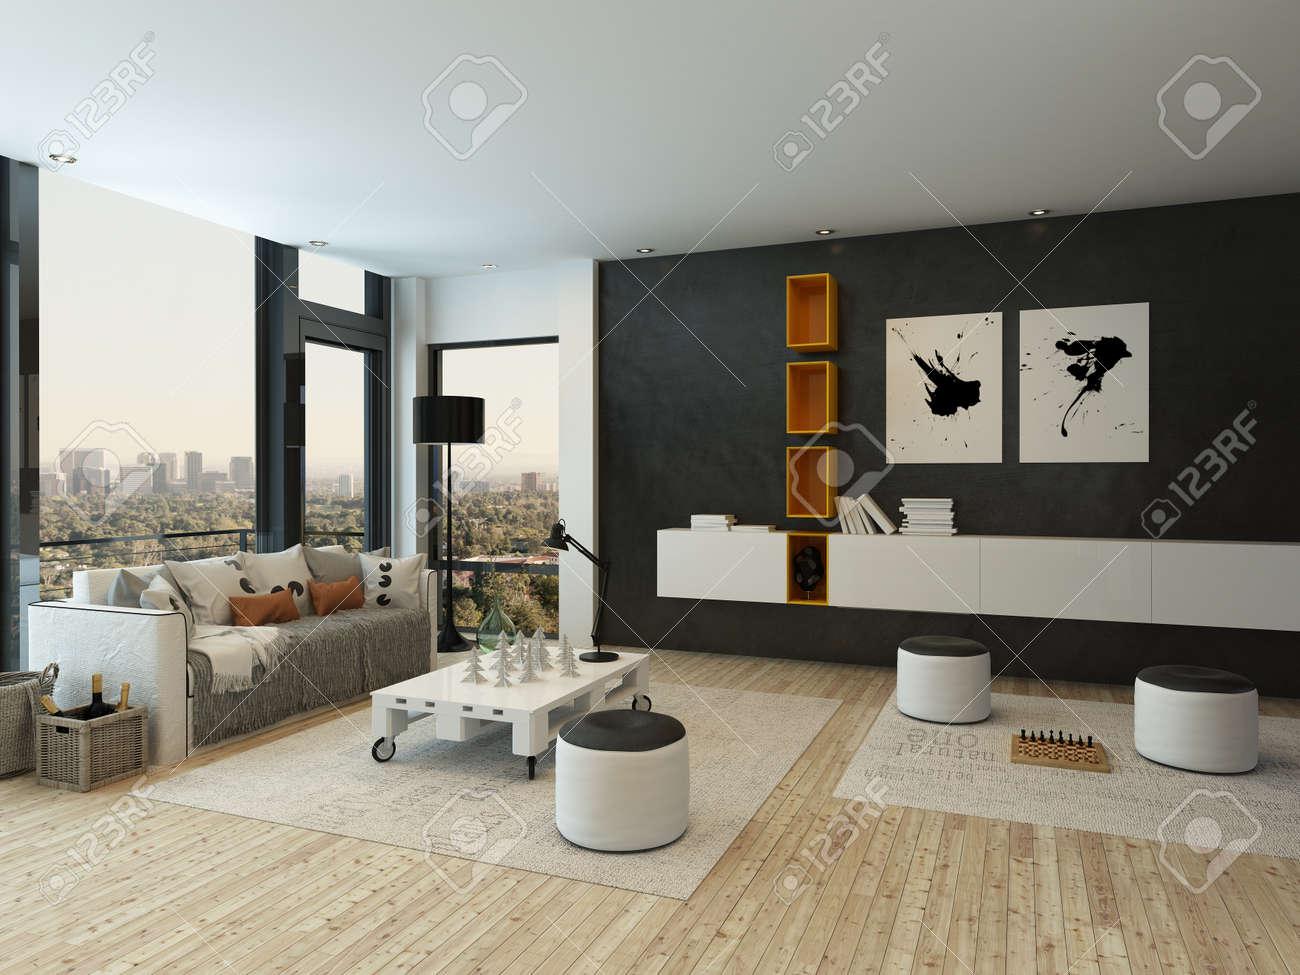 Mooie woonkamer interieur met witte en oranje kast royalty vrije ...